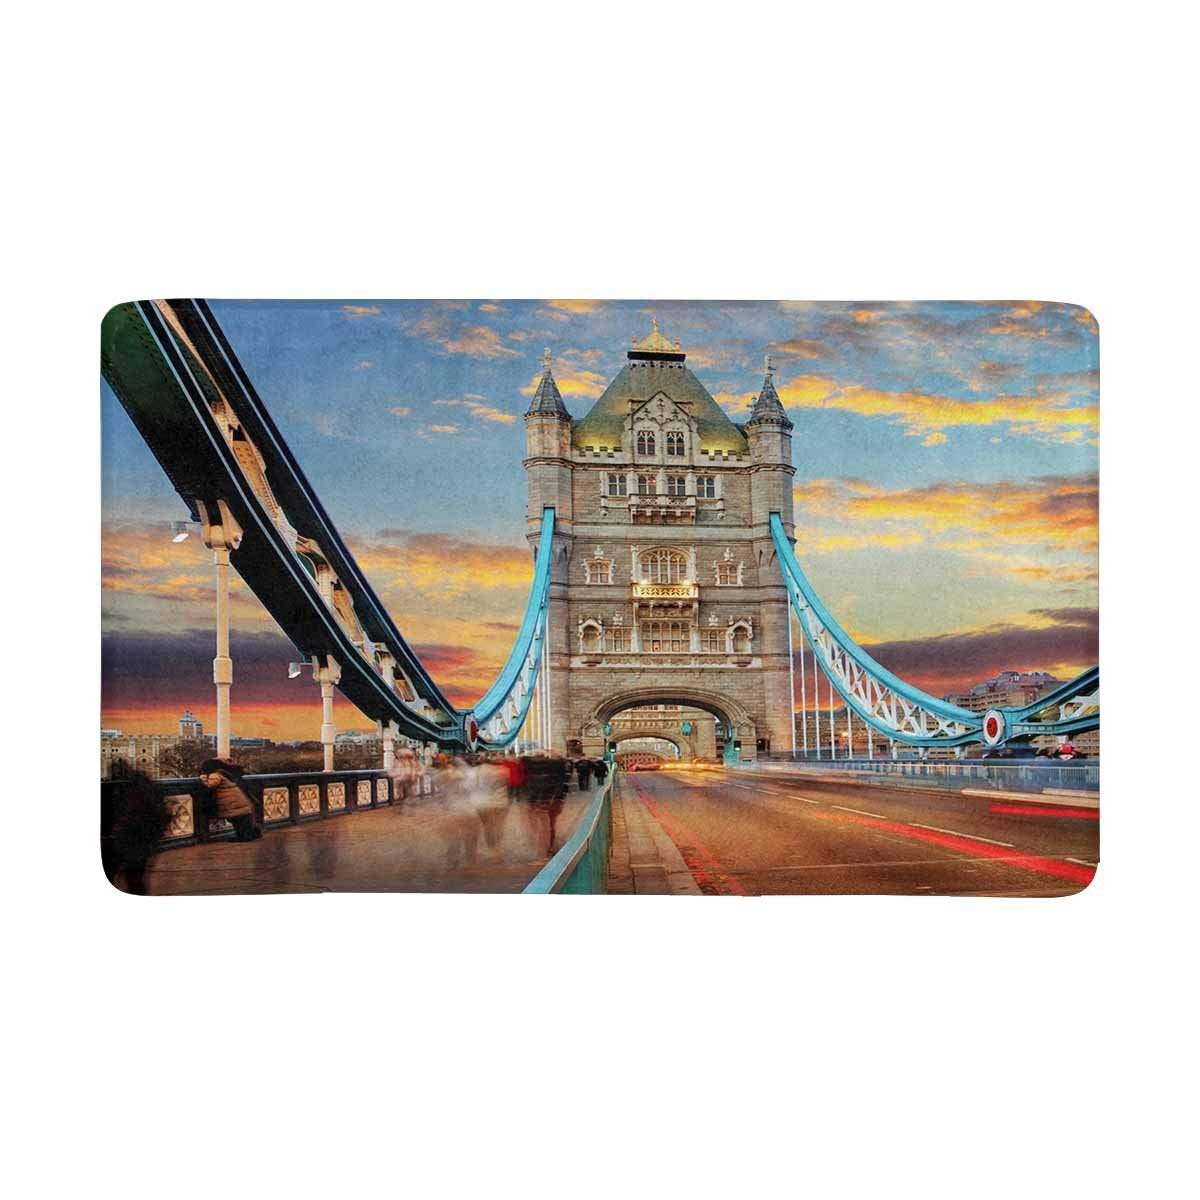 London Tower Bridge Indoor Entrance Doormat In Mat From